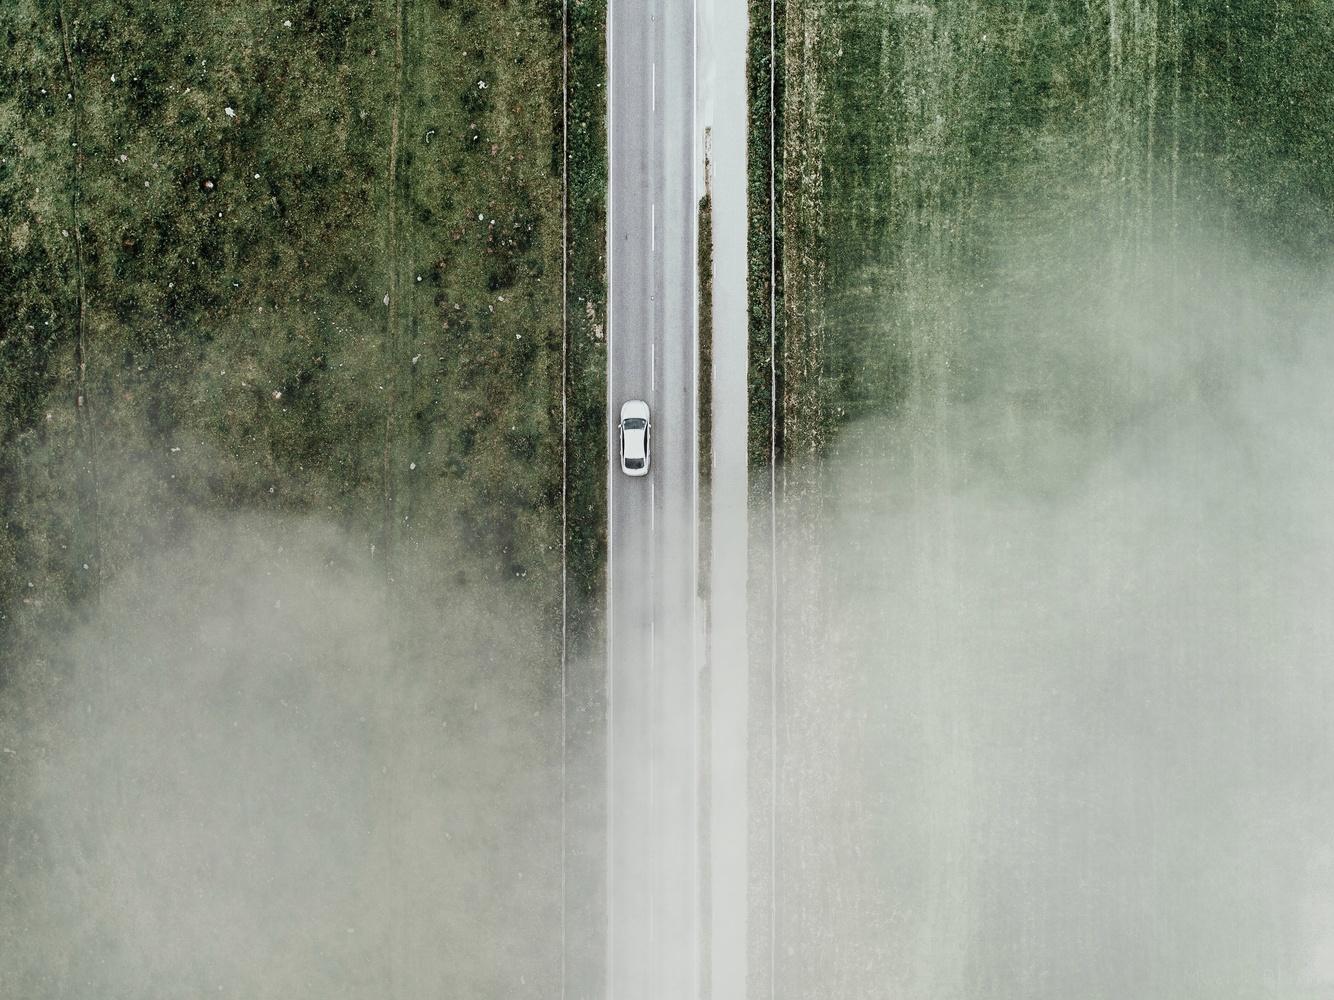 In the Clouds by Maciek Platek